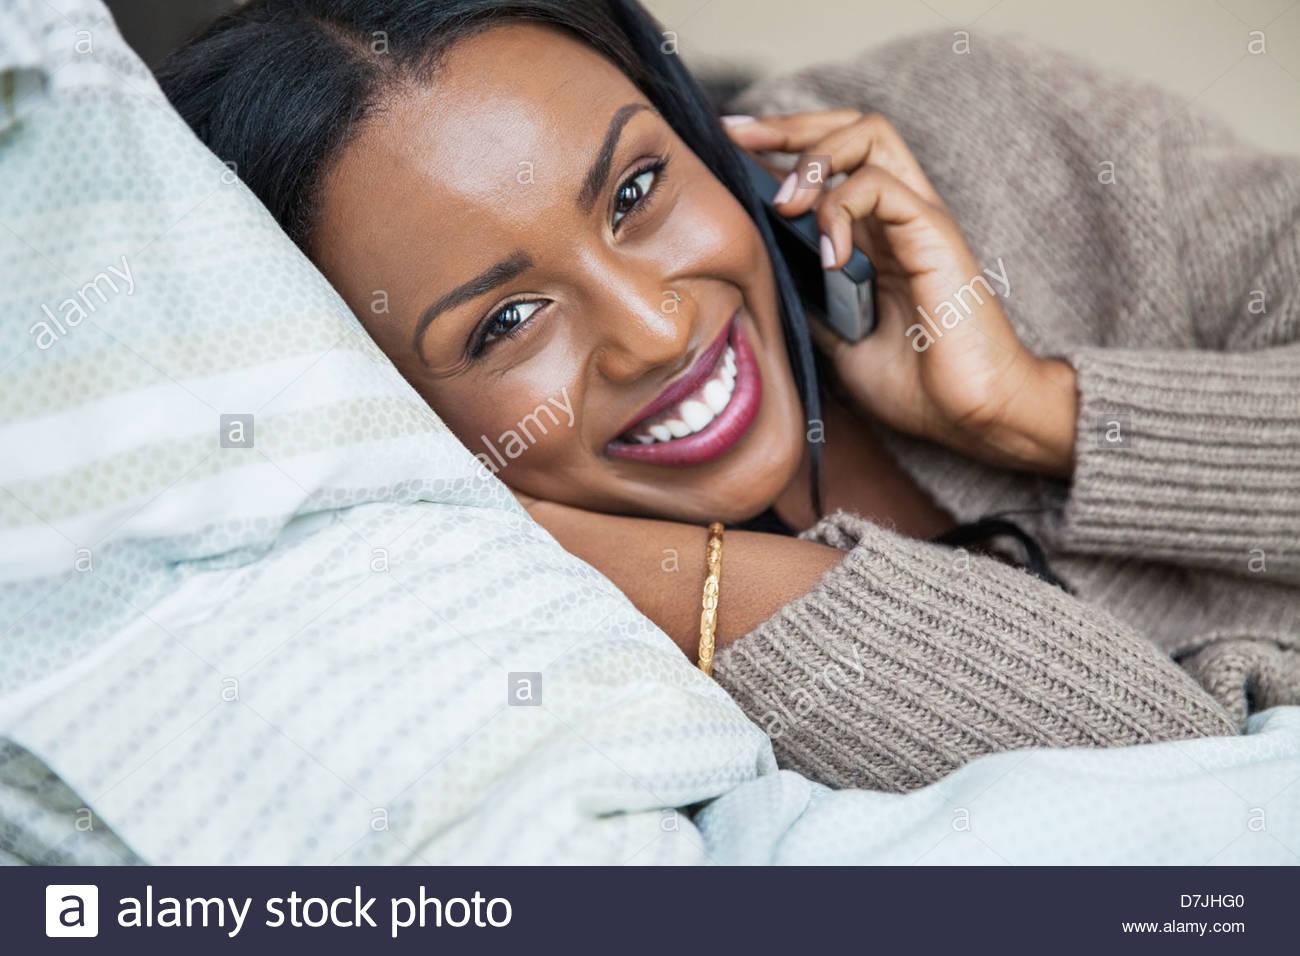 Retrato de mujer a través de teléfono móvil mientras está acostada en la cama Imagen De Stock